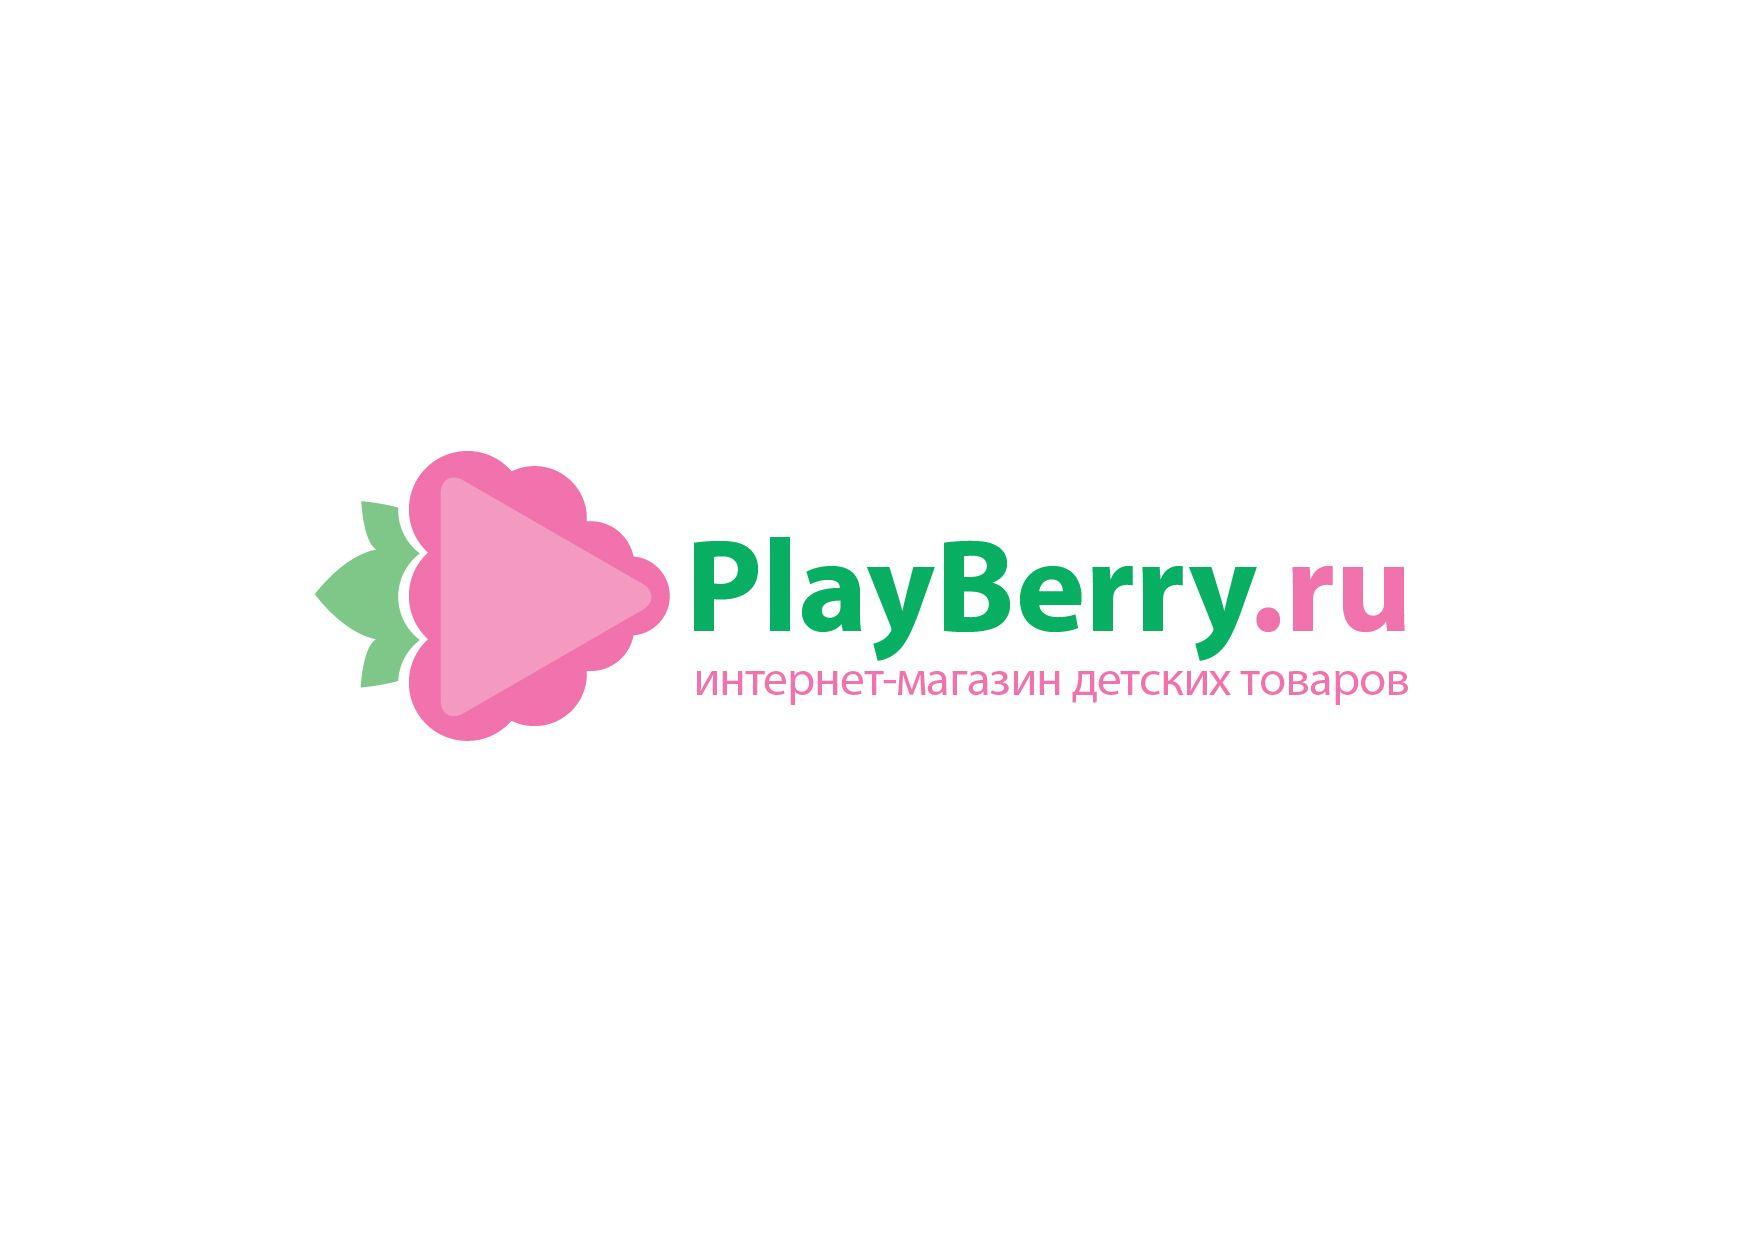 Логотип для интернет-магазина детских товаров - дизайнер anna_rn